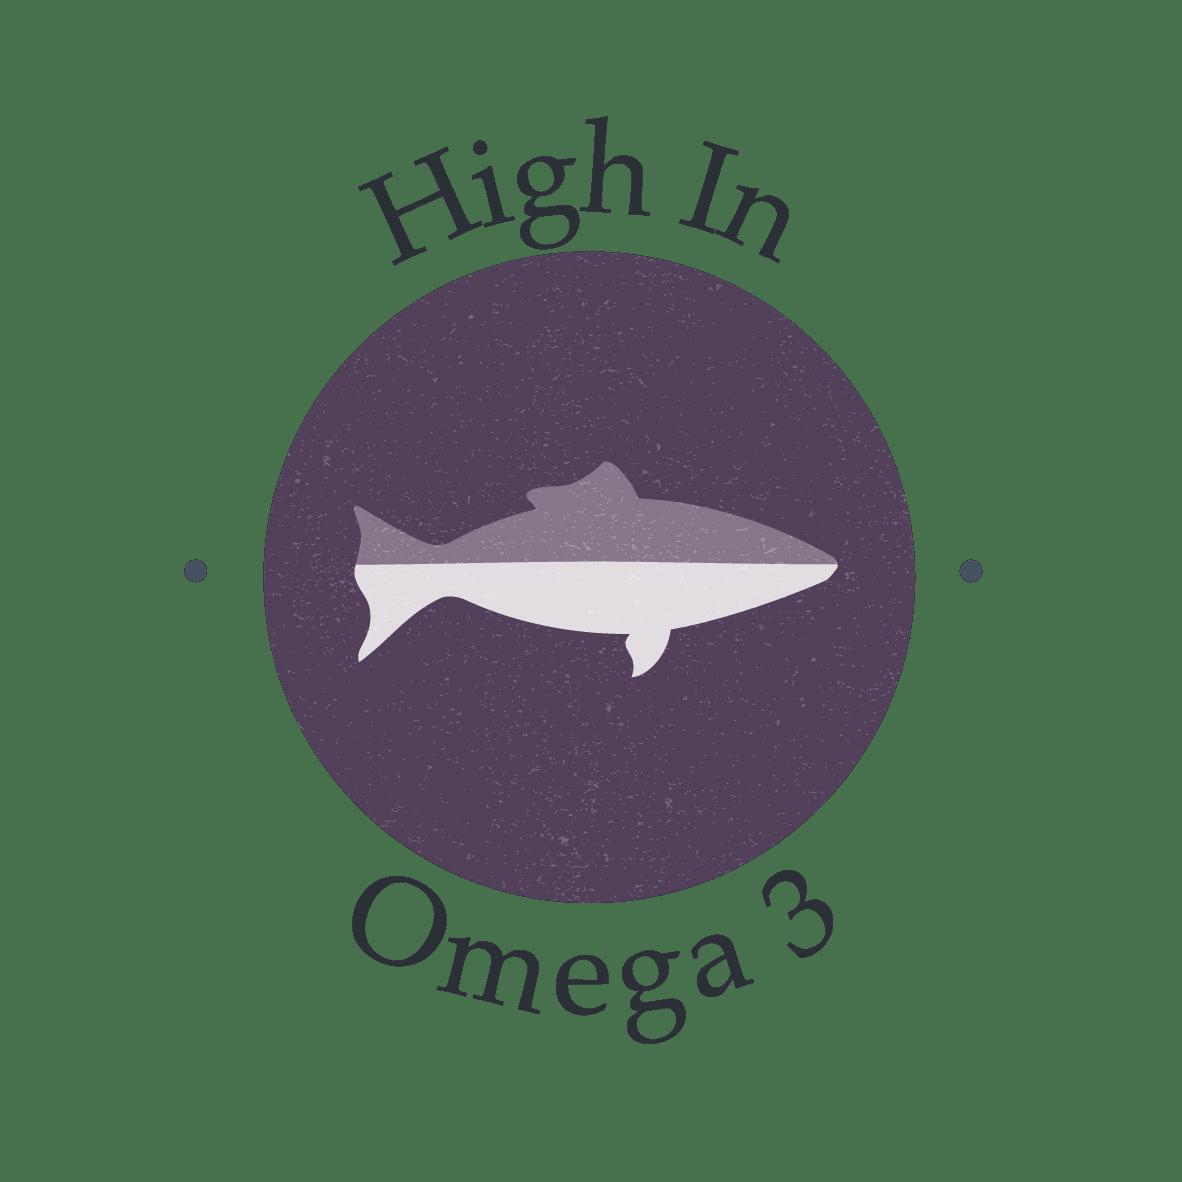 high in omega 3 recipe